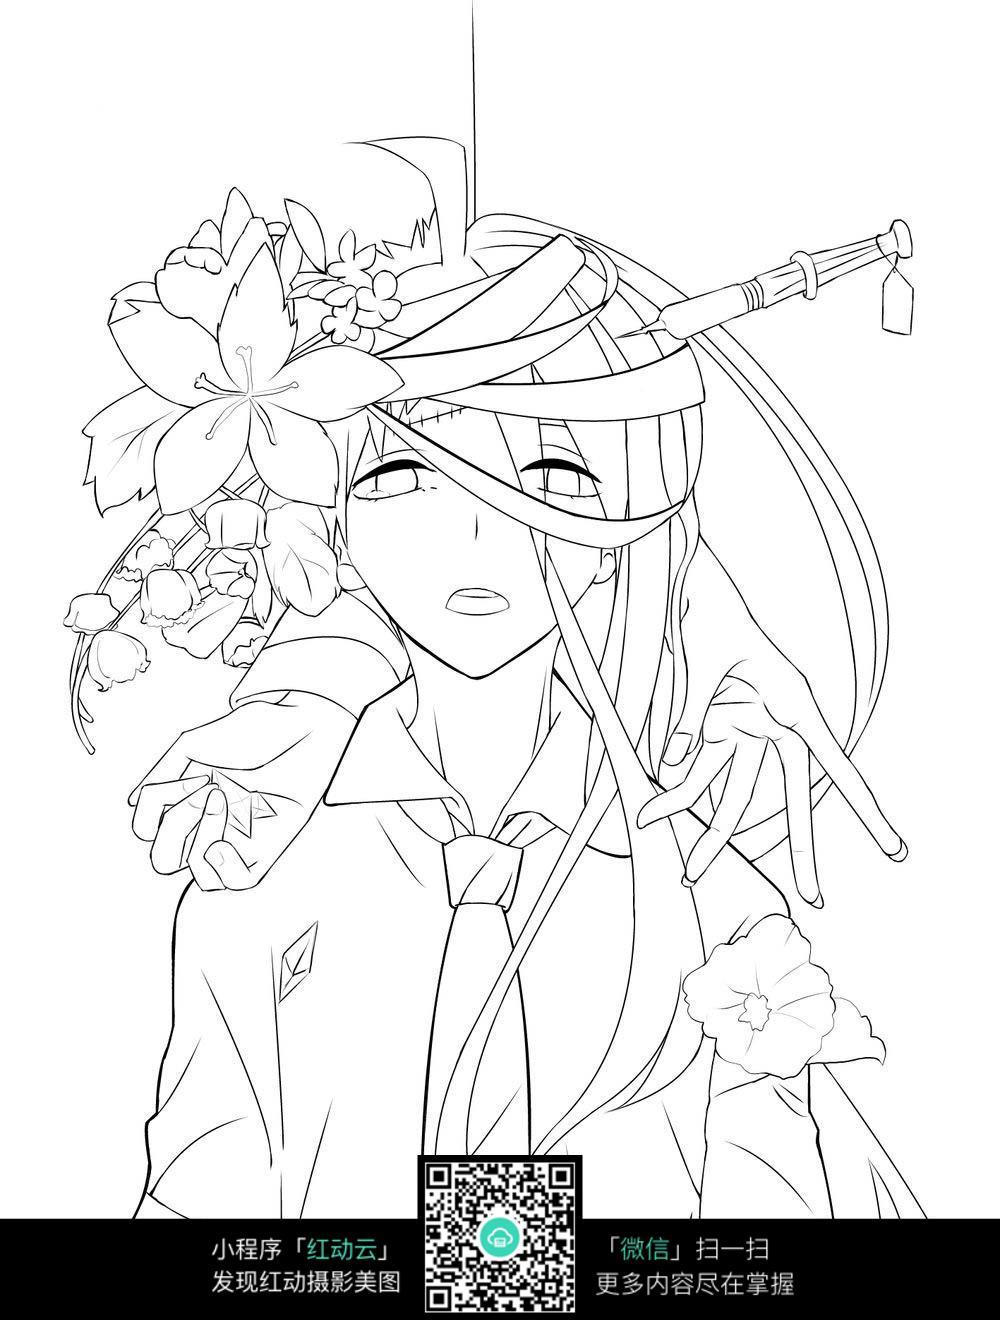 日本动漫女孩线描